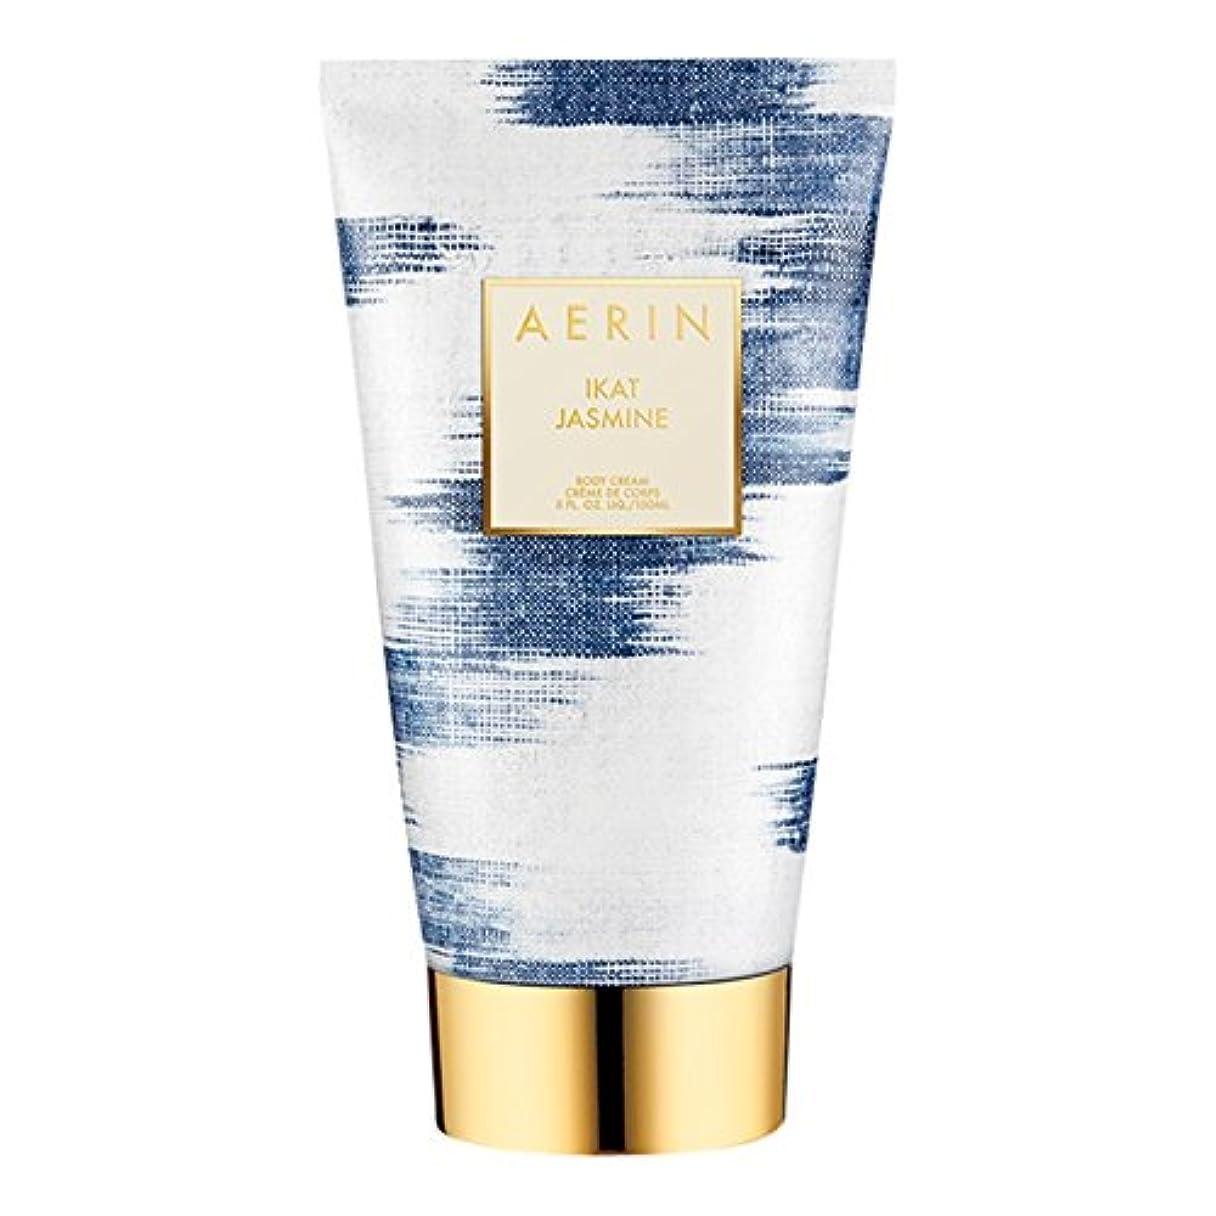 臨検キネマティクス郵便屋さんAerinイカットジャスミンボディクリーム150ミリリットル (AERIN) (x6) - AERIN Ikat Jasmine Body Cream 150ml (Pack of 6) [並行輸入品]